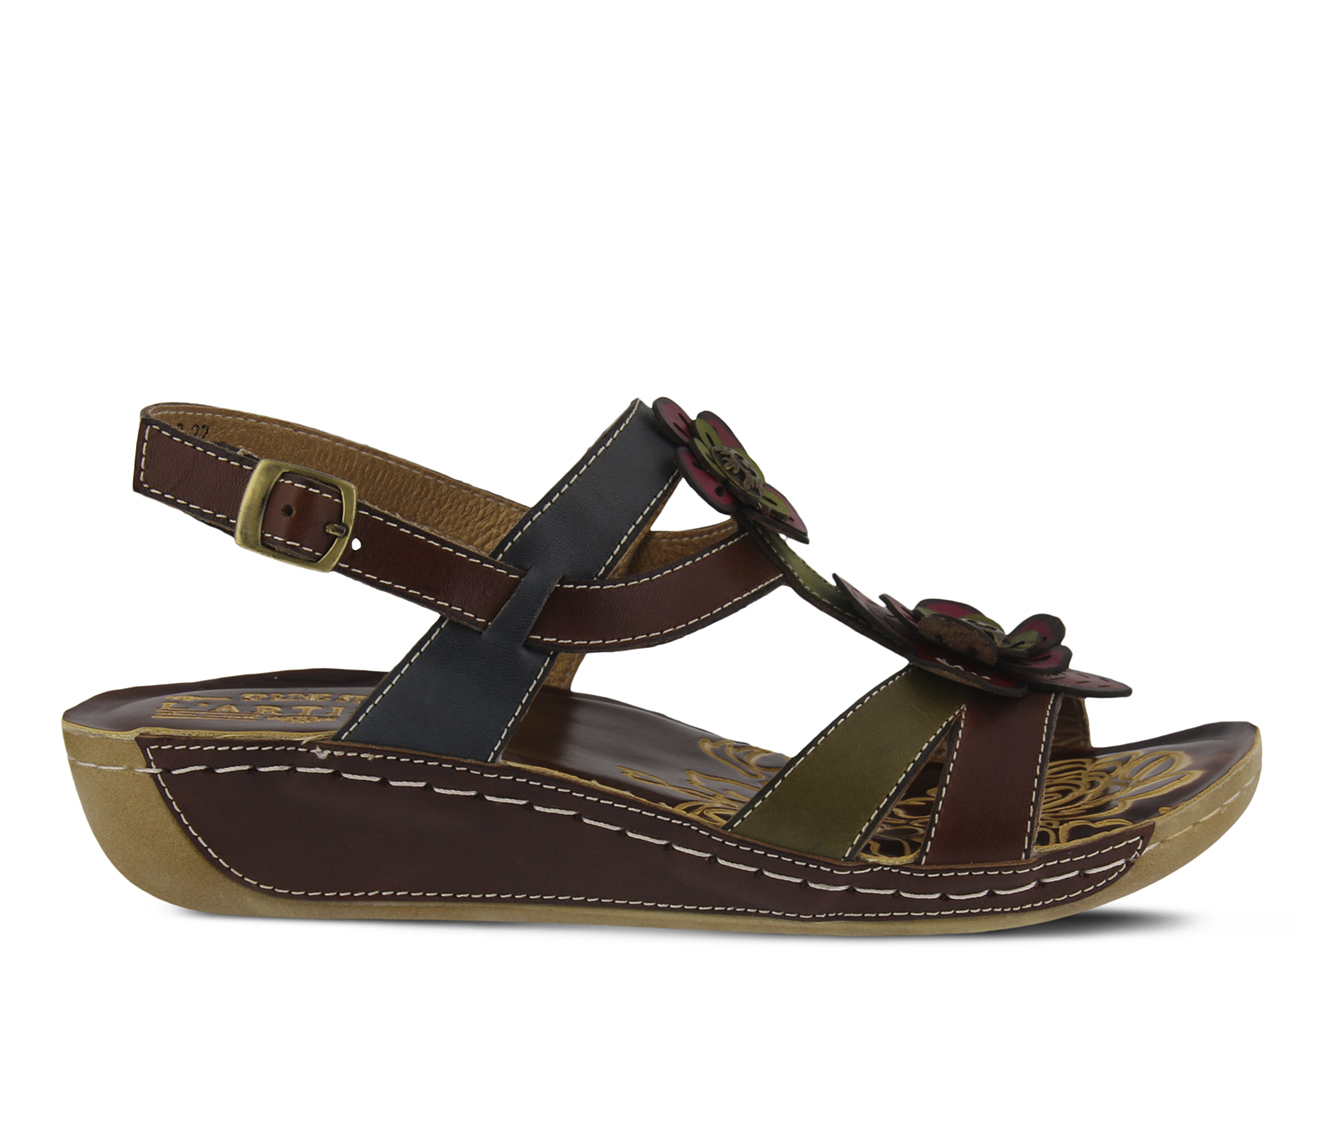 L'Artiste Phalda Women's Sandal (Brown Leather)